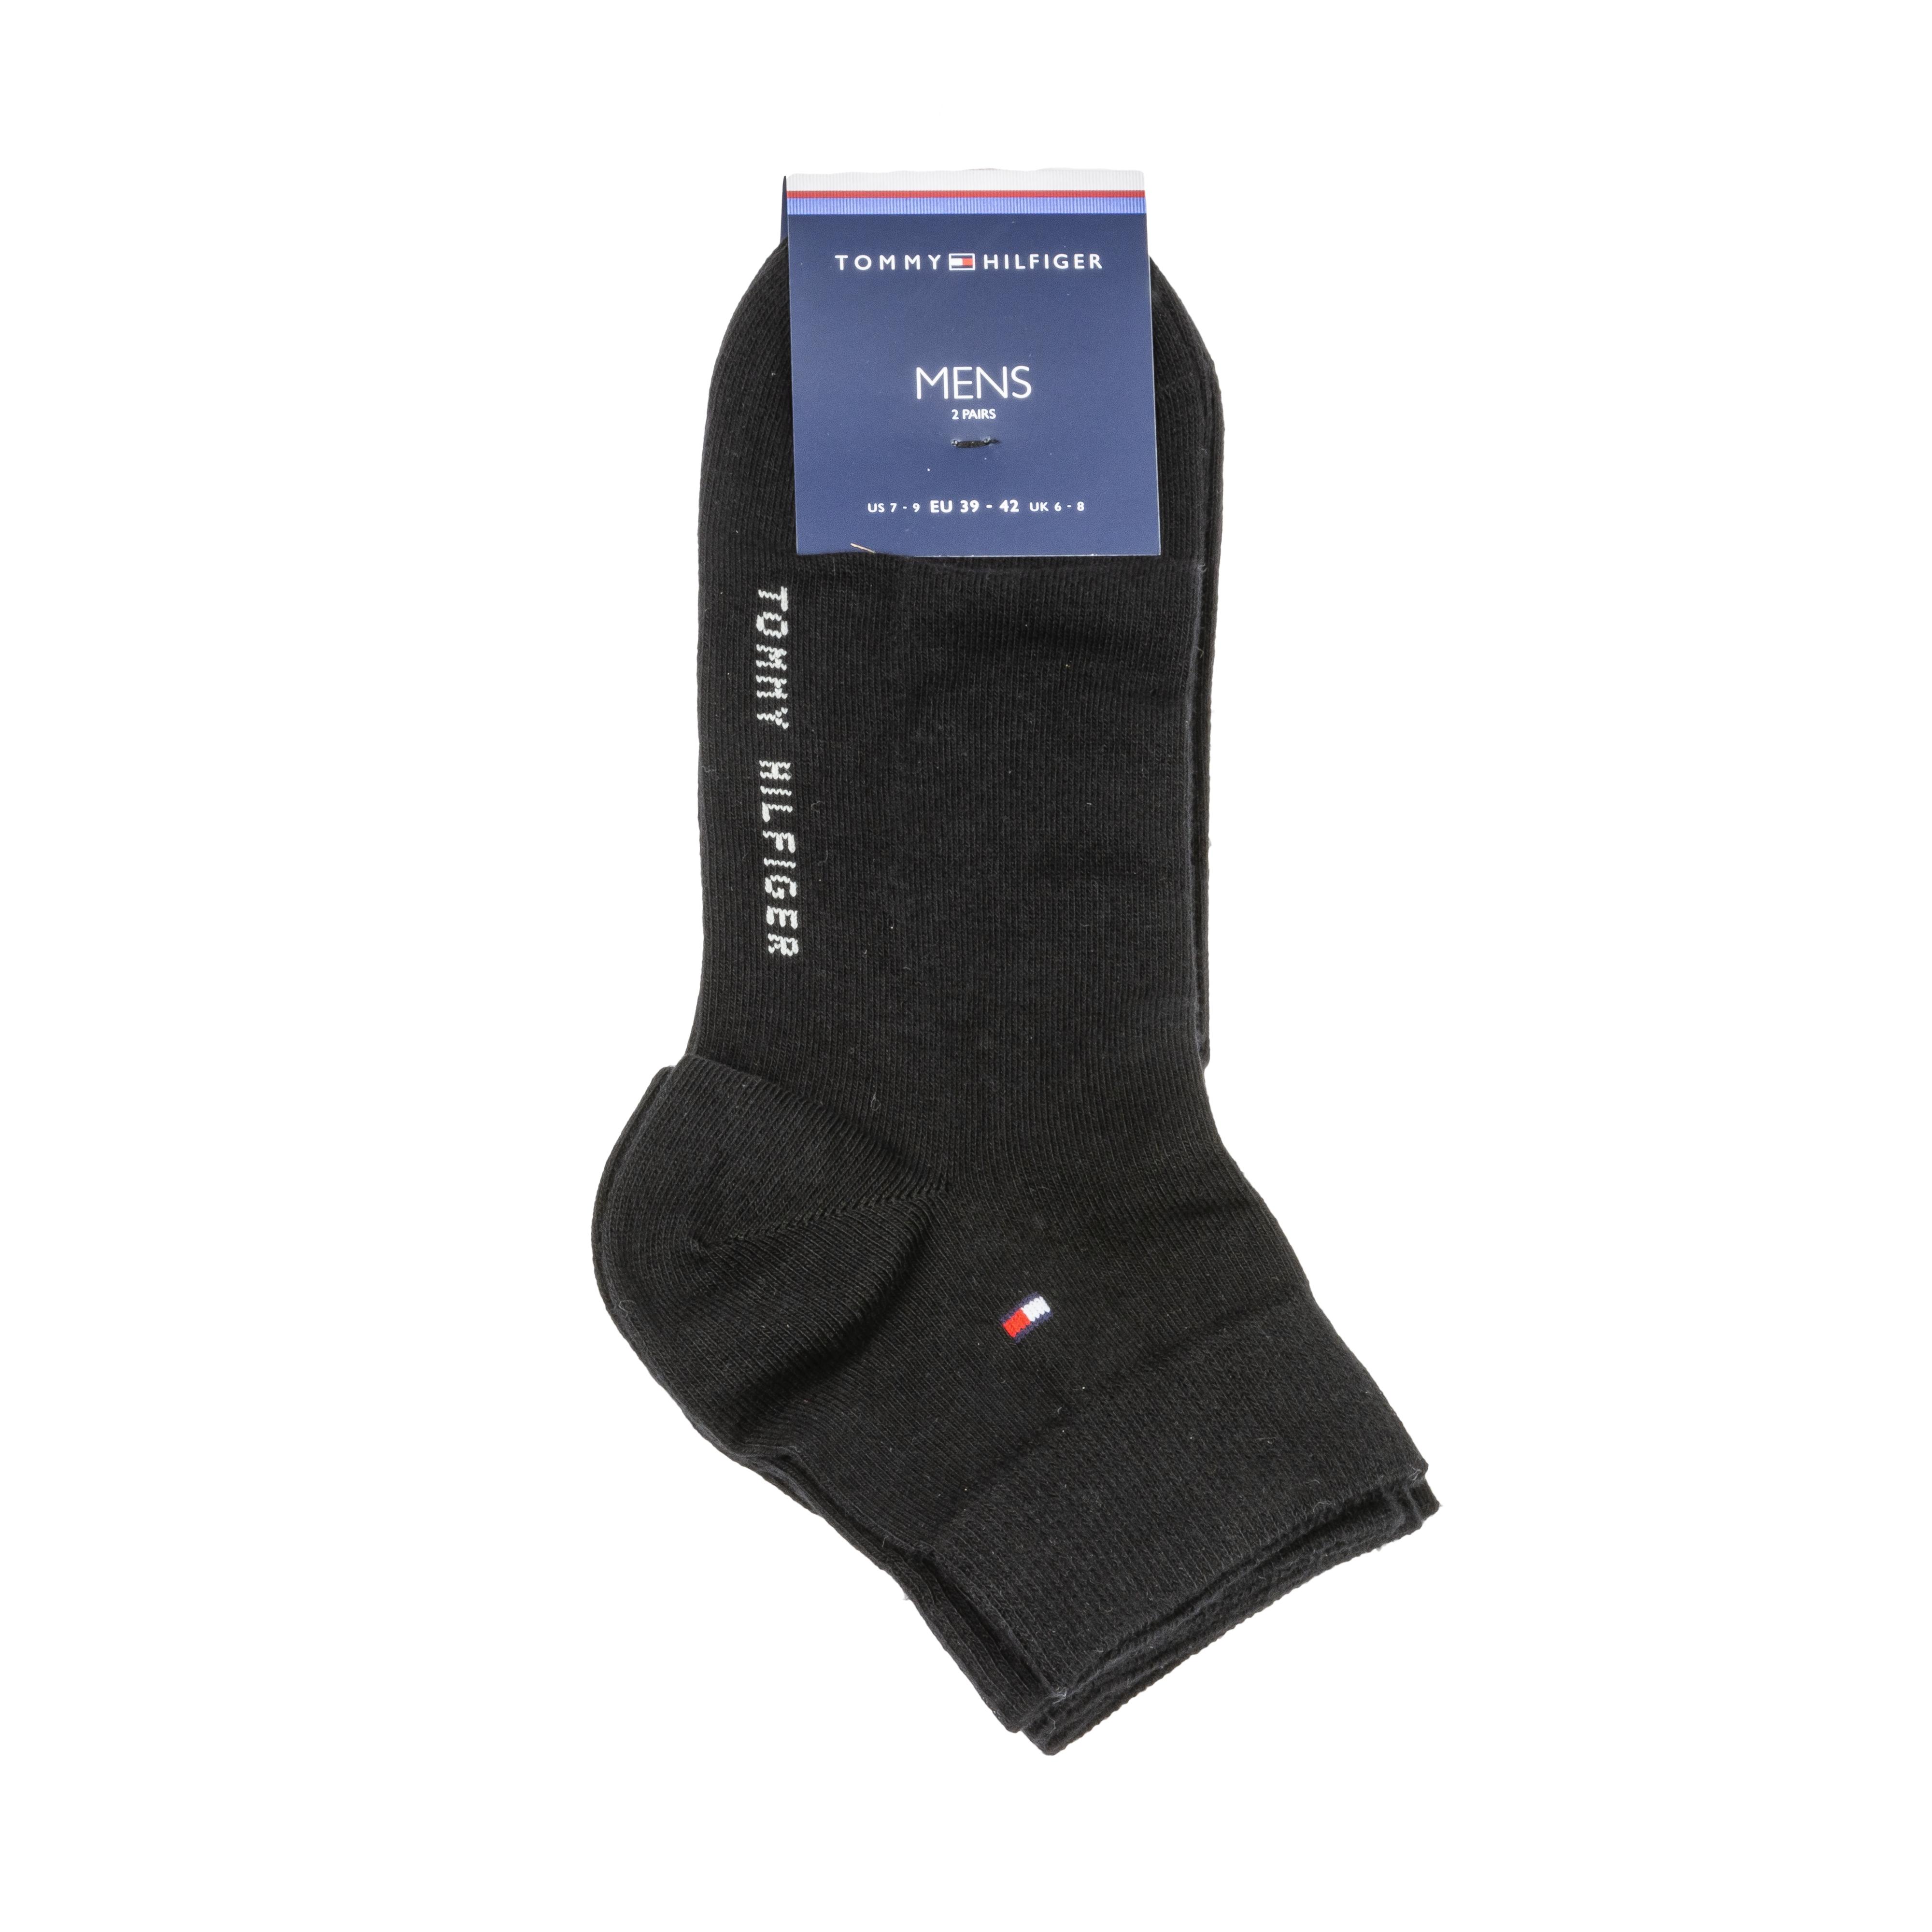 Lot de 2 paires de chaussettes tommy hilfiger quarter en coton mélangé stretch noir